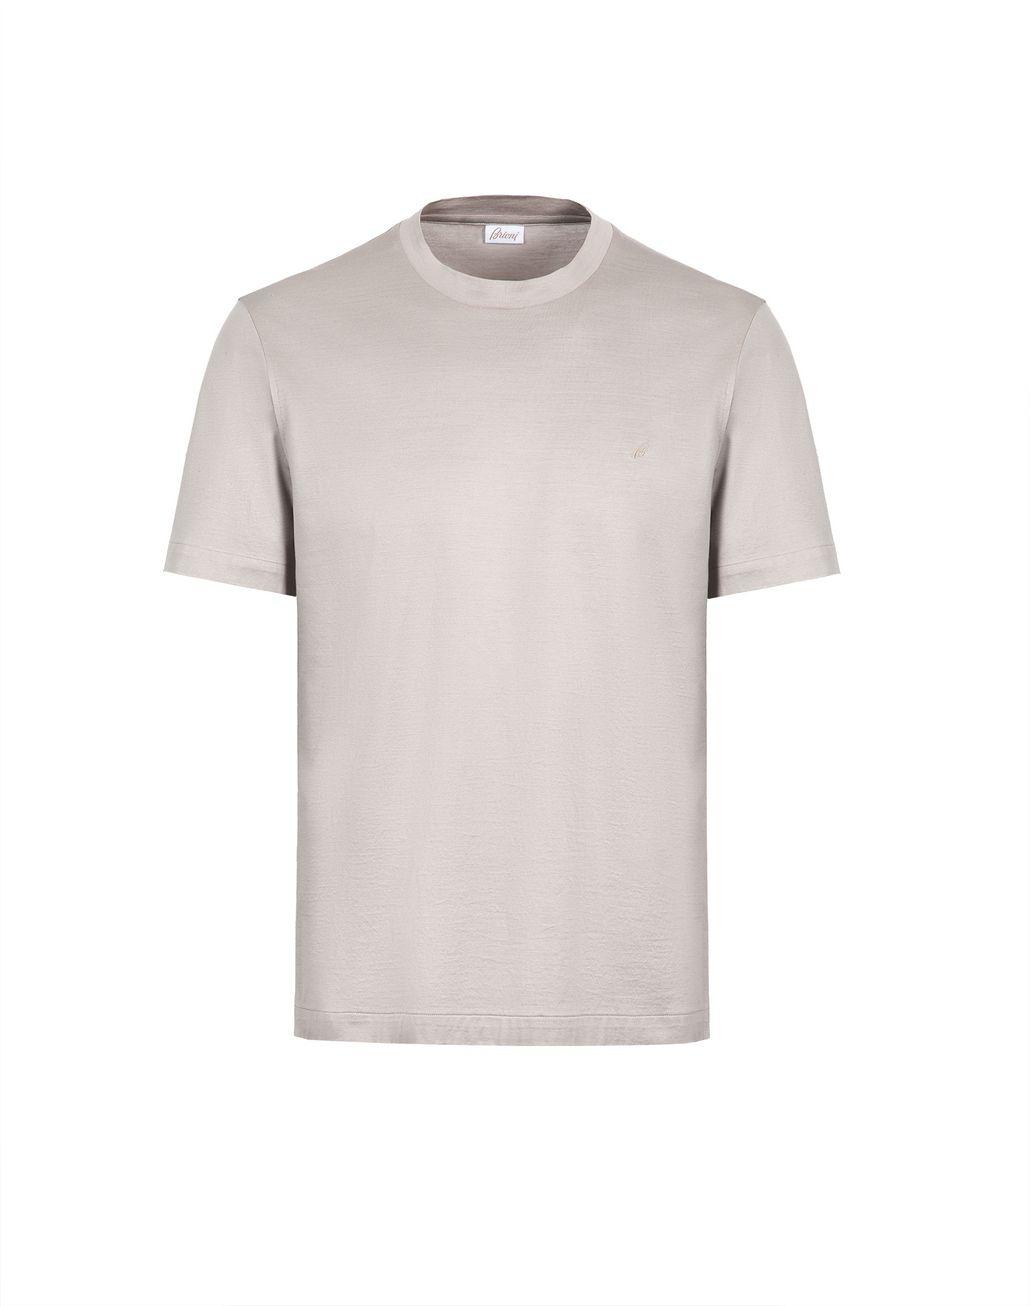 BRIONI Бежевая футболка с логотипом Футболки и поло Для Мужчин f